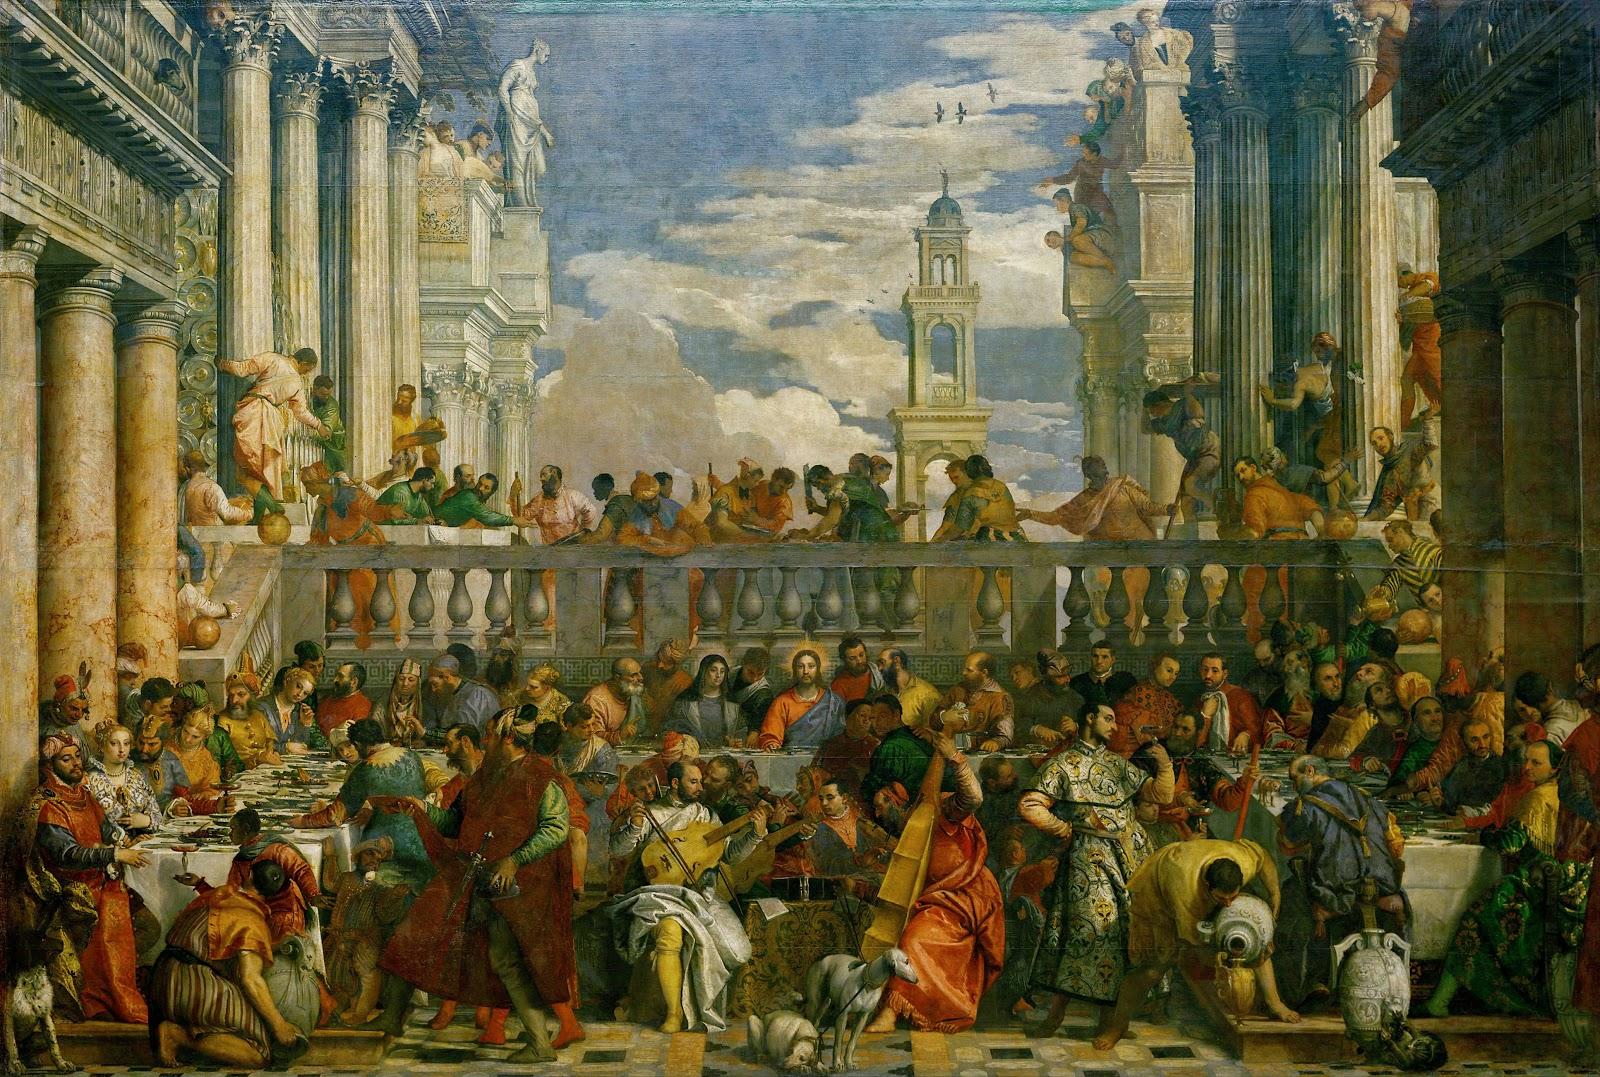 Le nozze di Cana - Paolo Veronese